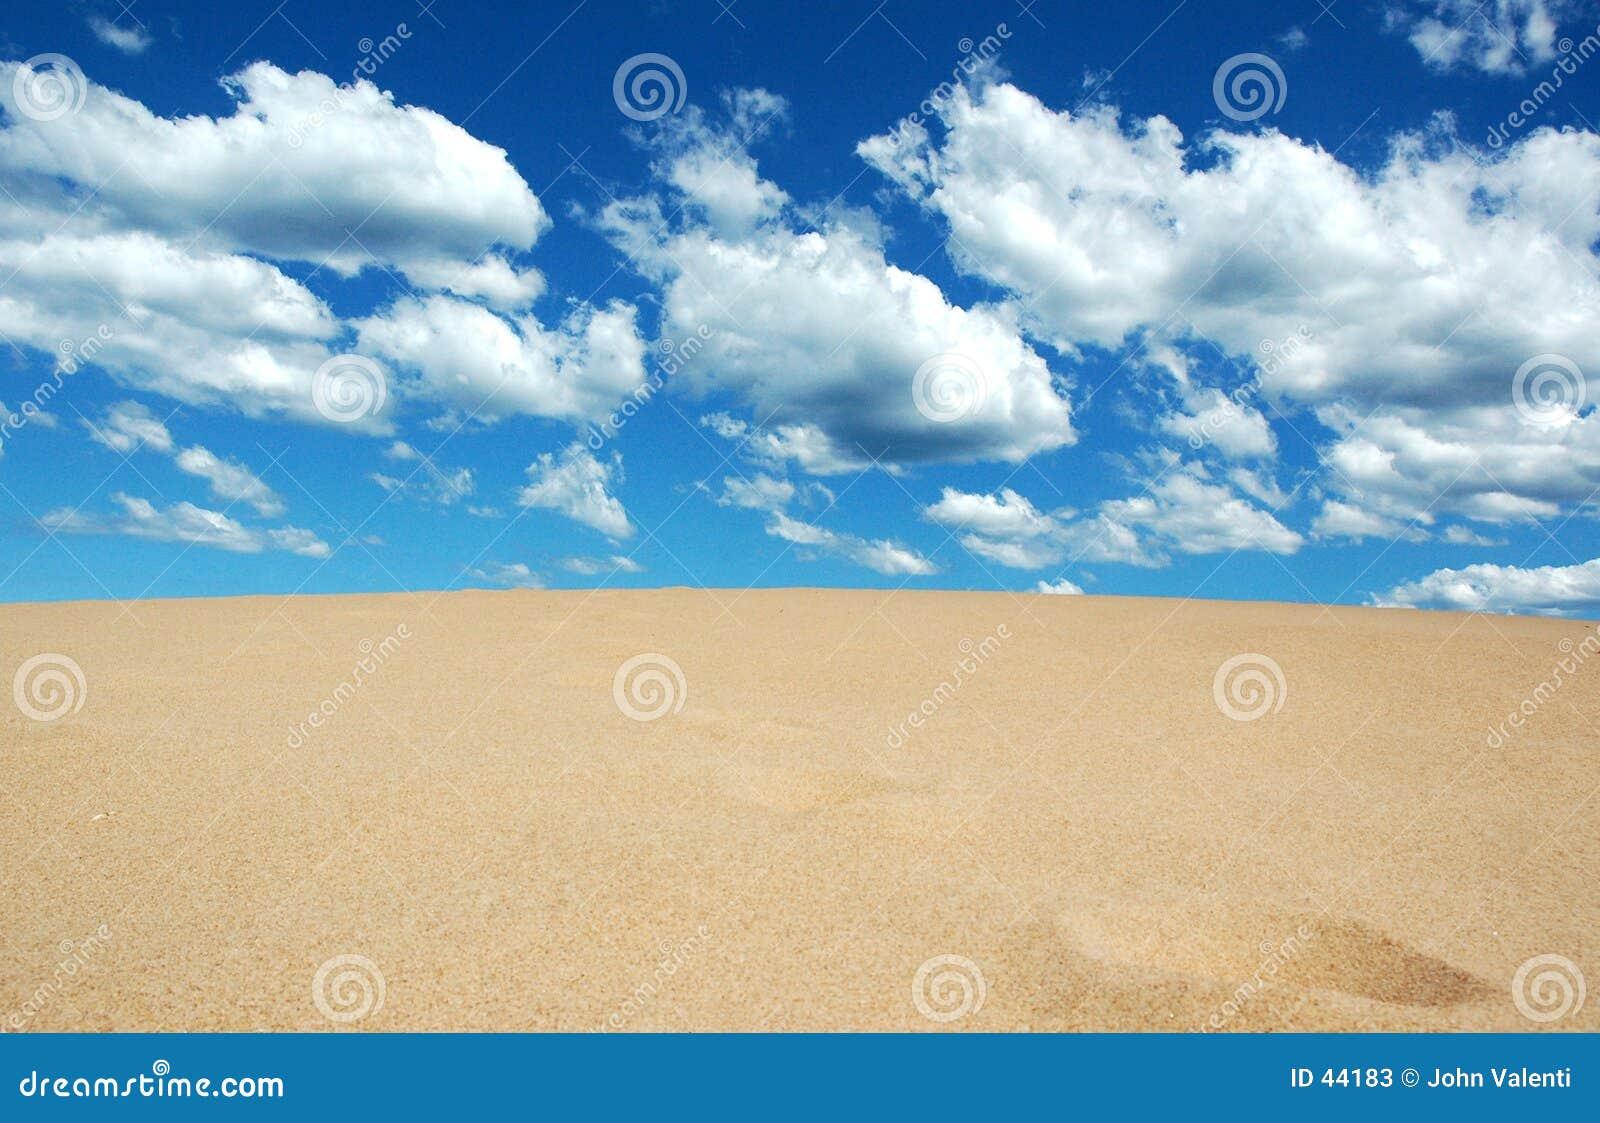 Sand trifft Himmel